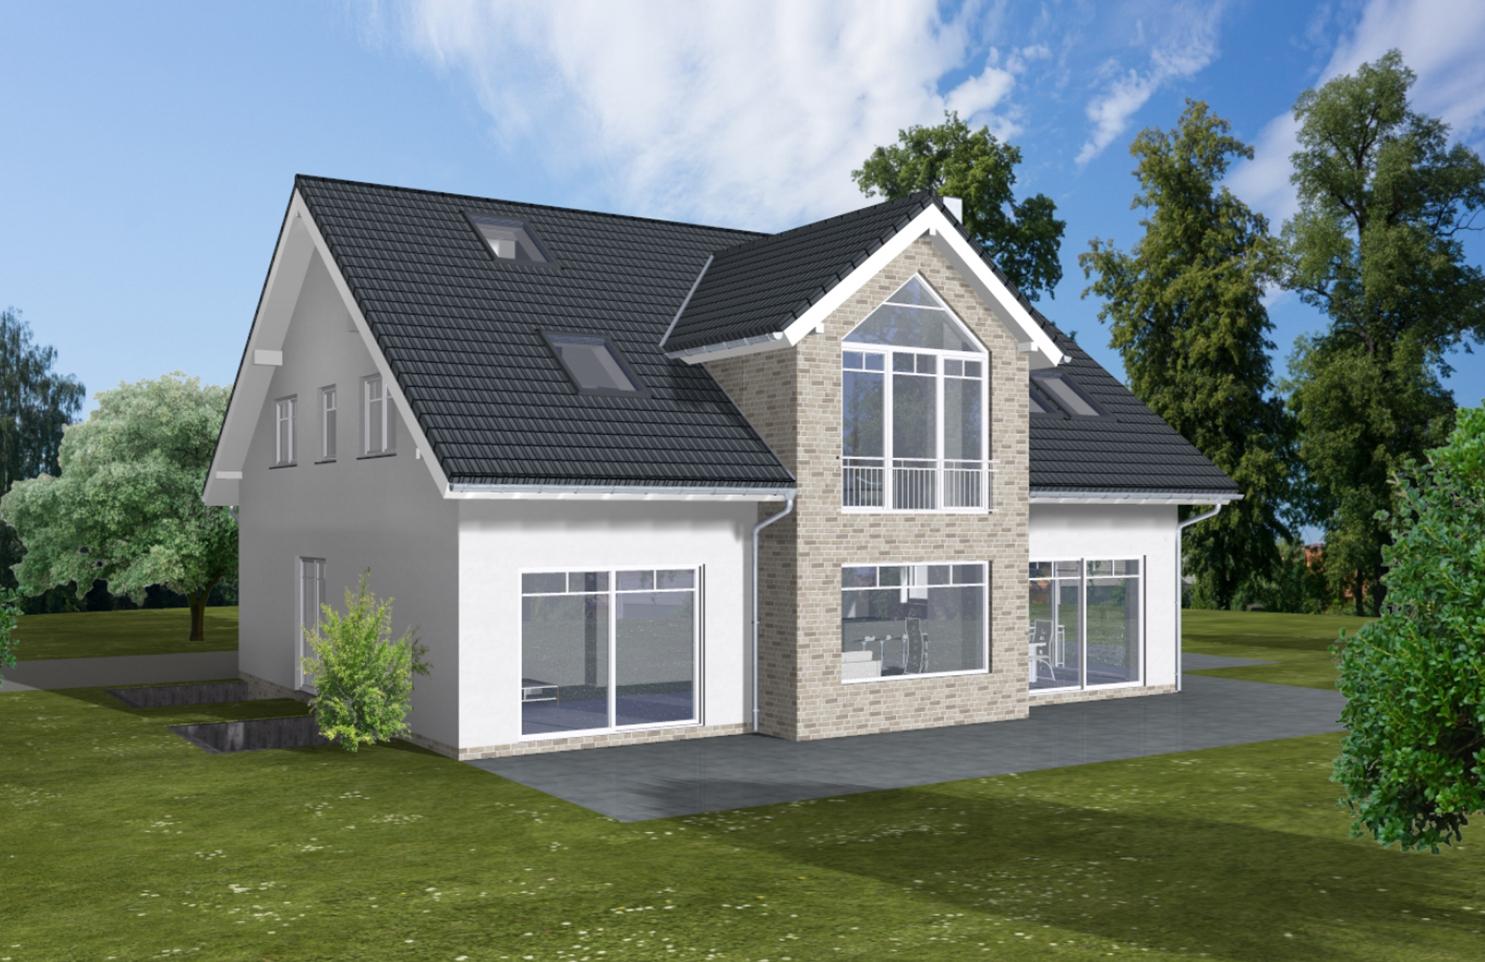 ARTOS HAUS Bauvorhaben Bonn-Ückesdorf, Einfamilienhaus Individuell geplant und gebaut 2021. Bild 2